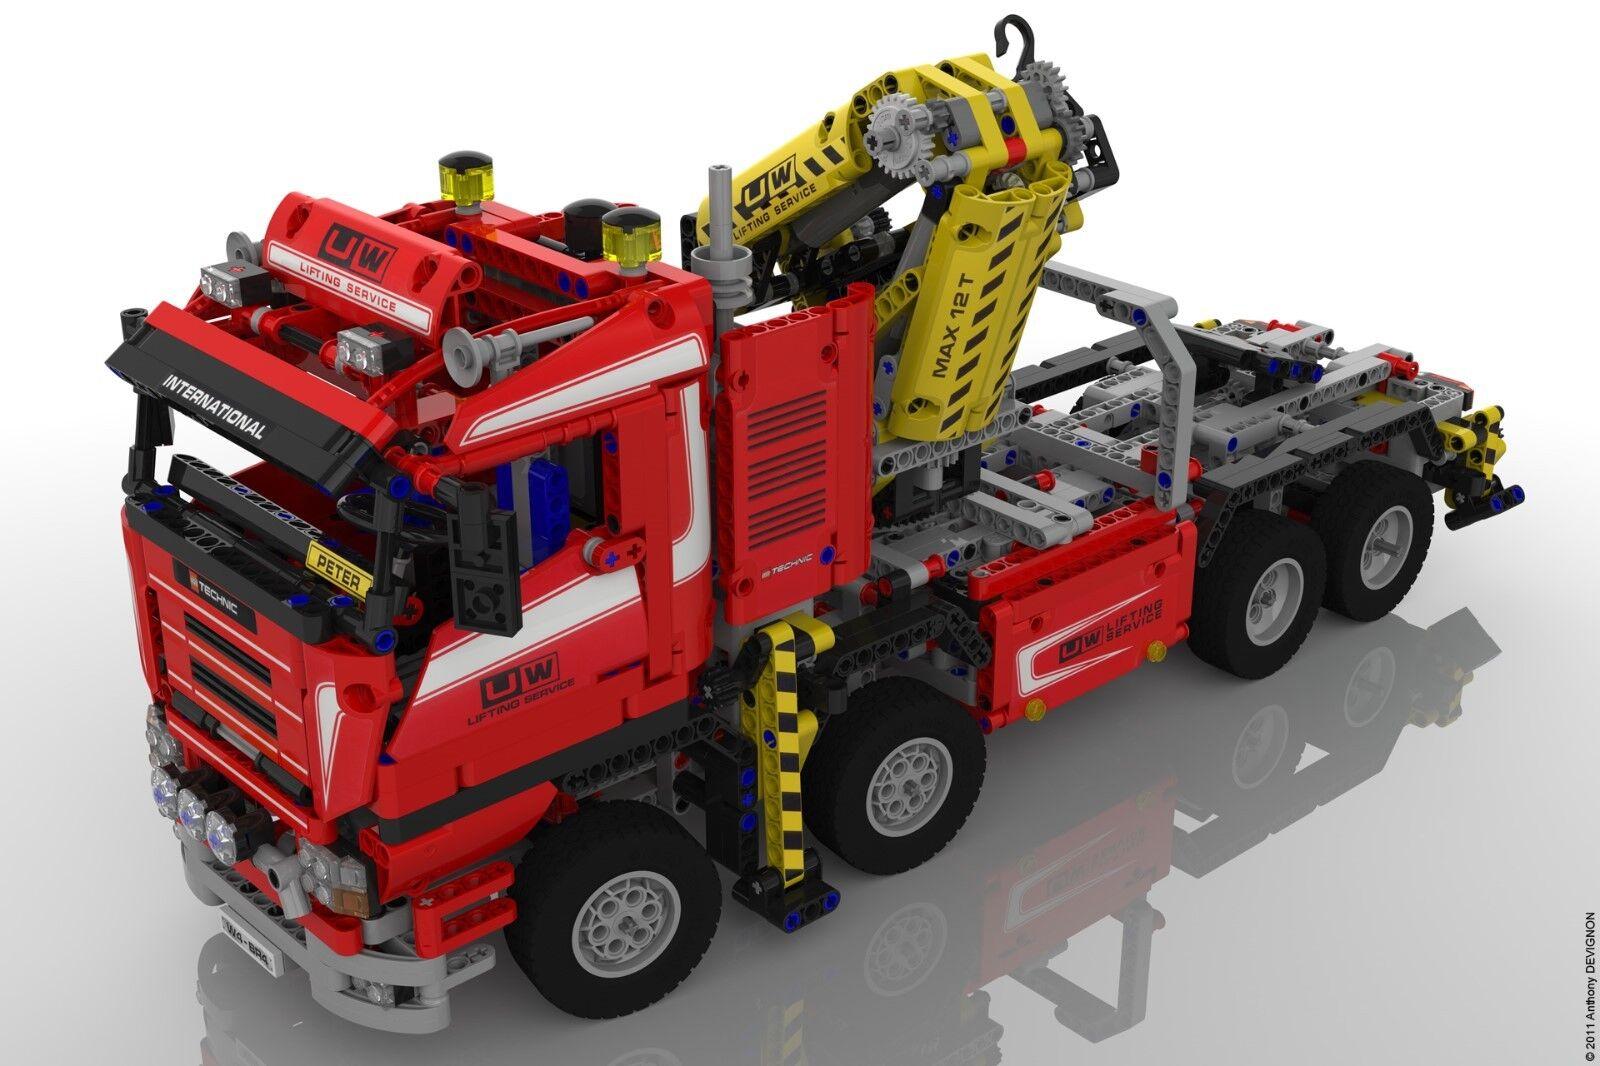 ABSOLUTE RARITÄT Lego Technic 8258 super Zustand  Mit Bauanleitung und ohne OVP.